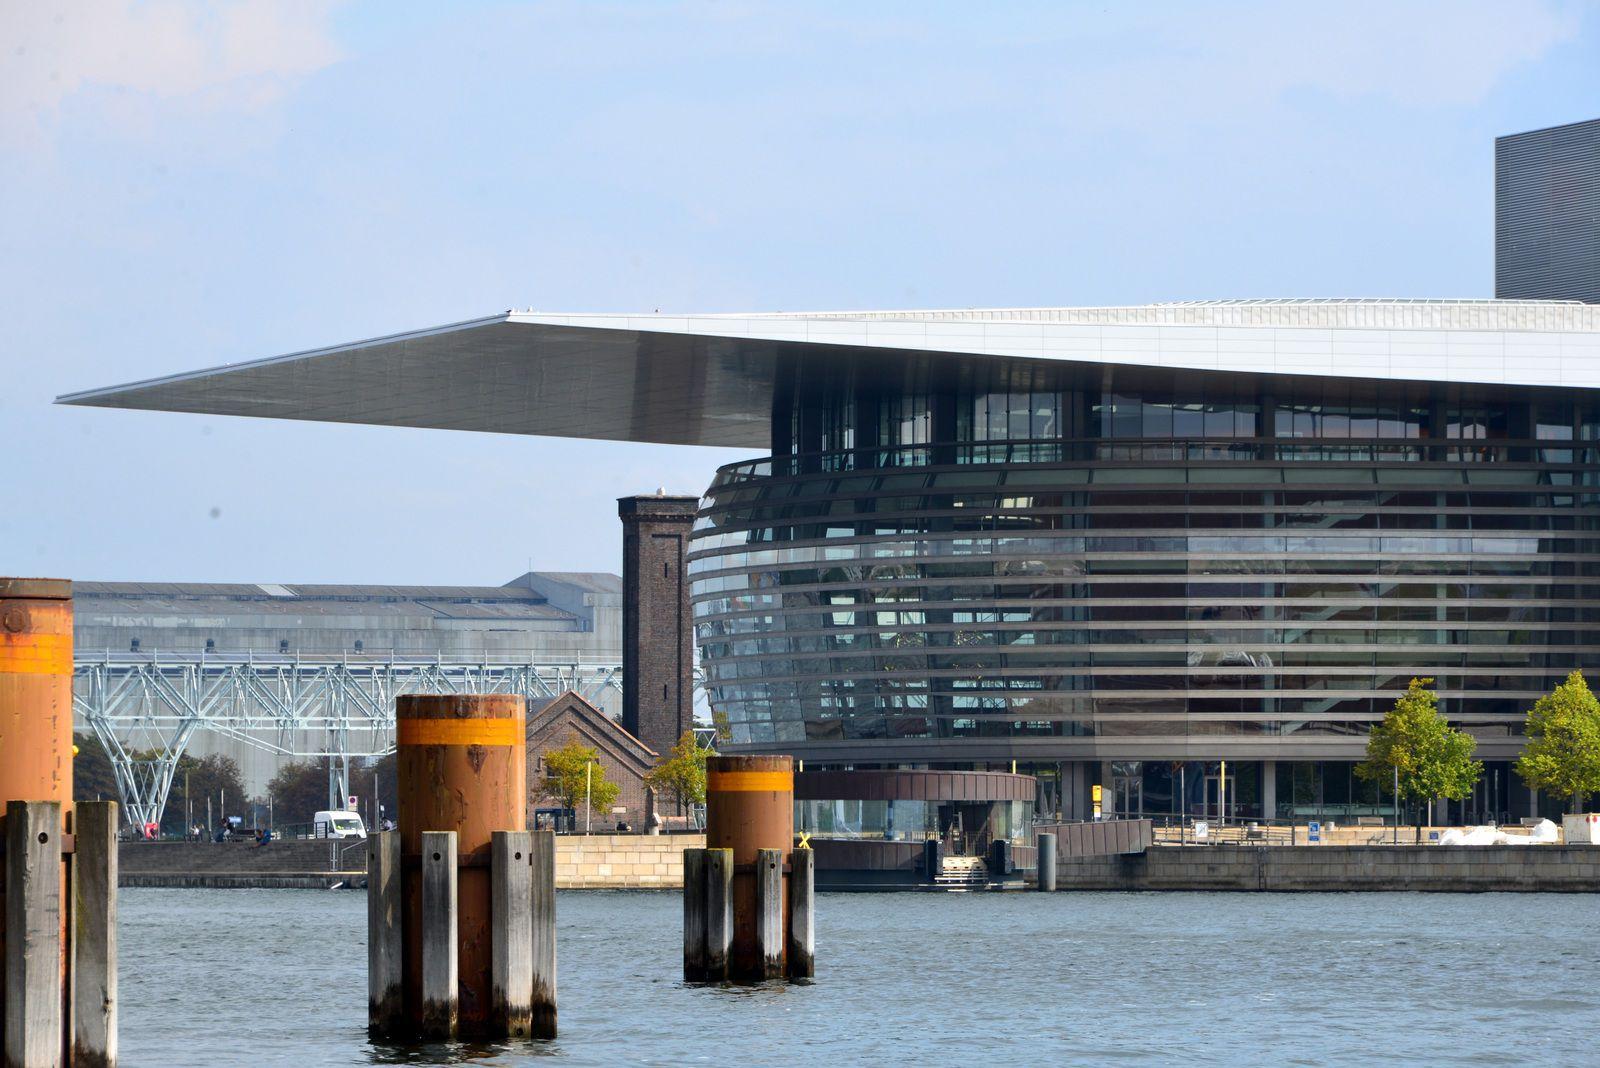 COPENHAGUE 2018 / IMAGES REFLEX / Il est 06h52, nous sommes le 4 Février 2021